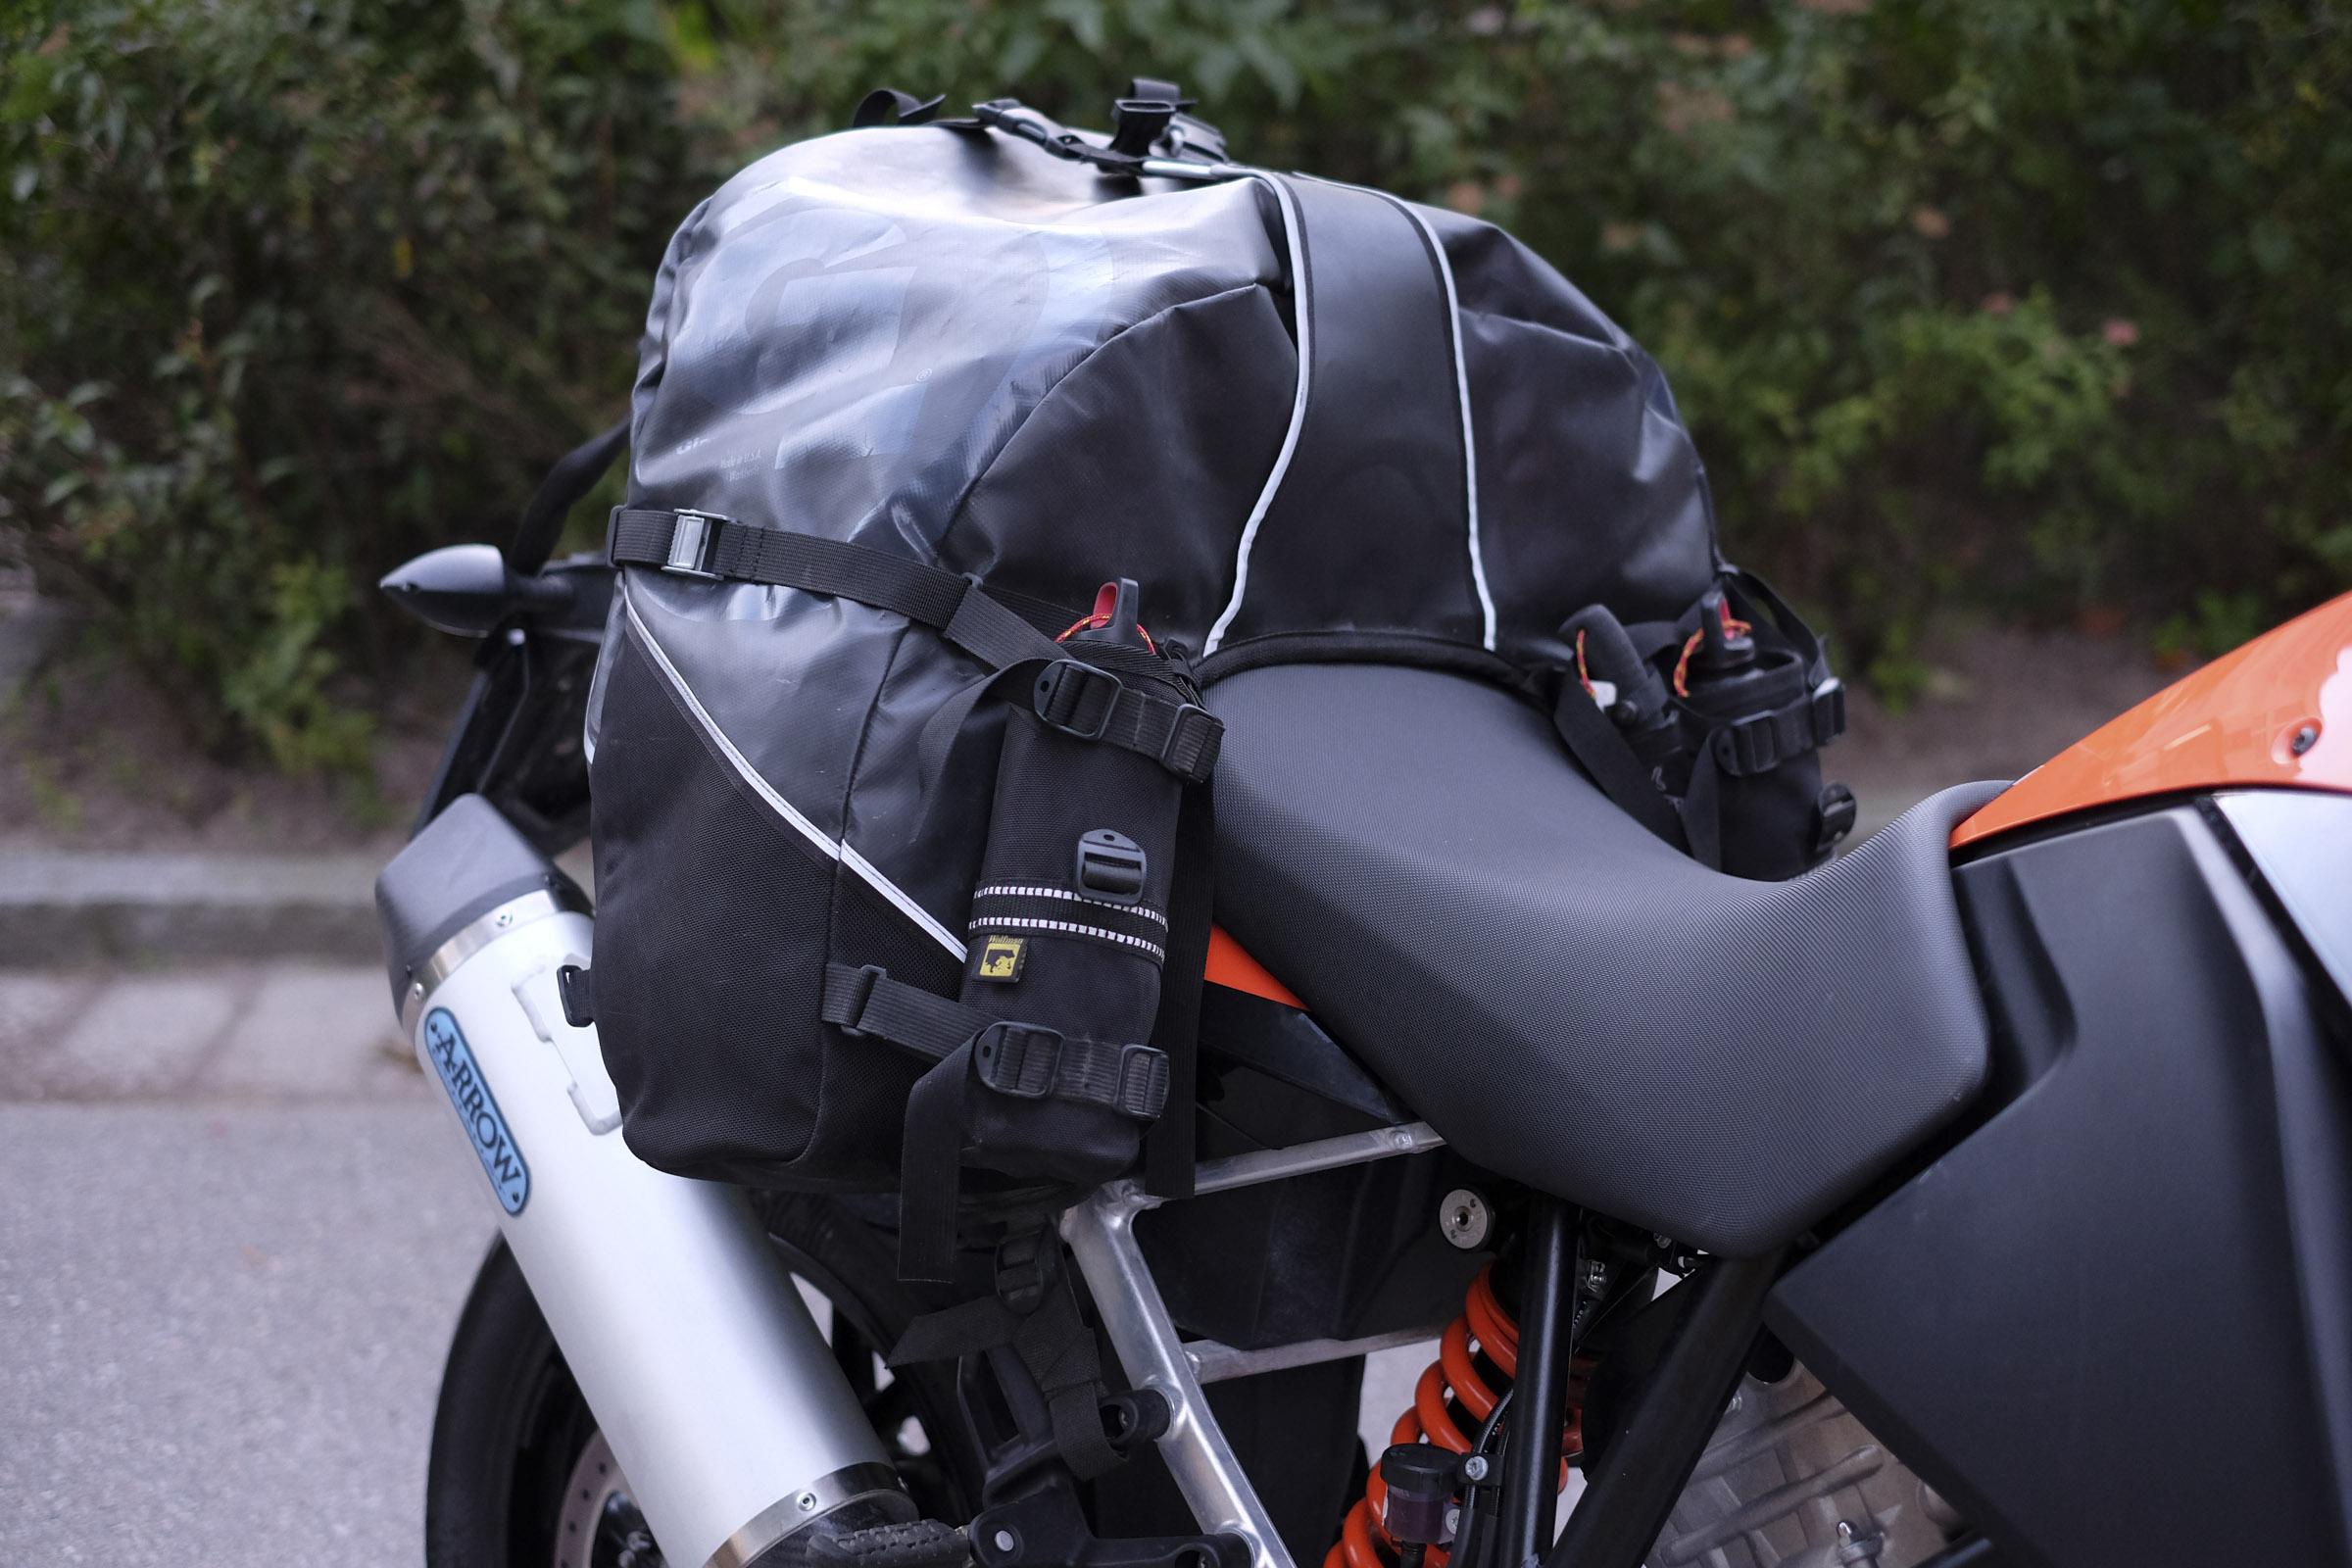 Satteltaschen oder doch lieber Koffer? - Seite 2 - Biker Stammtisch